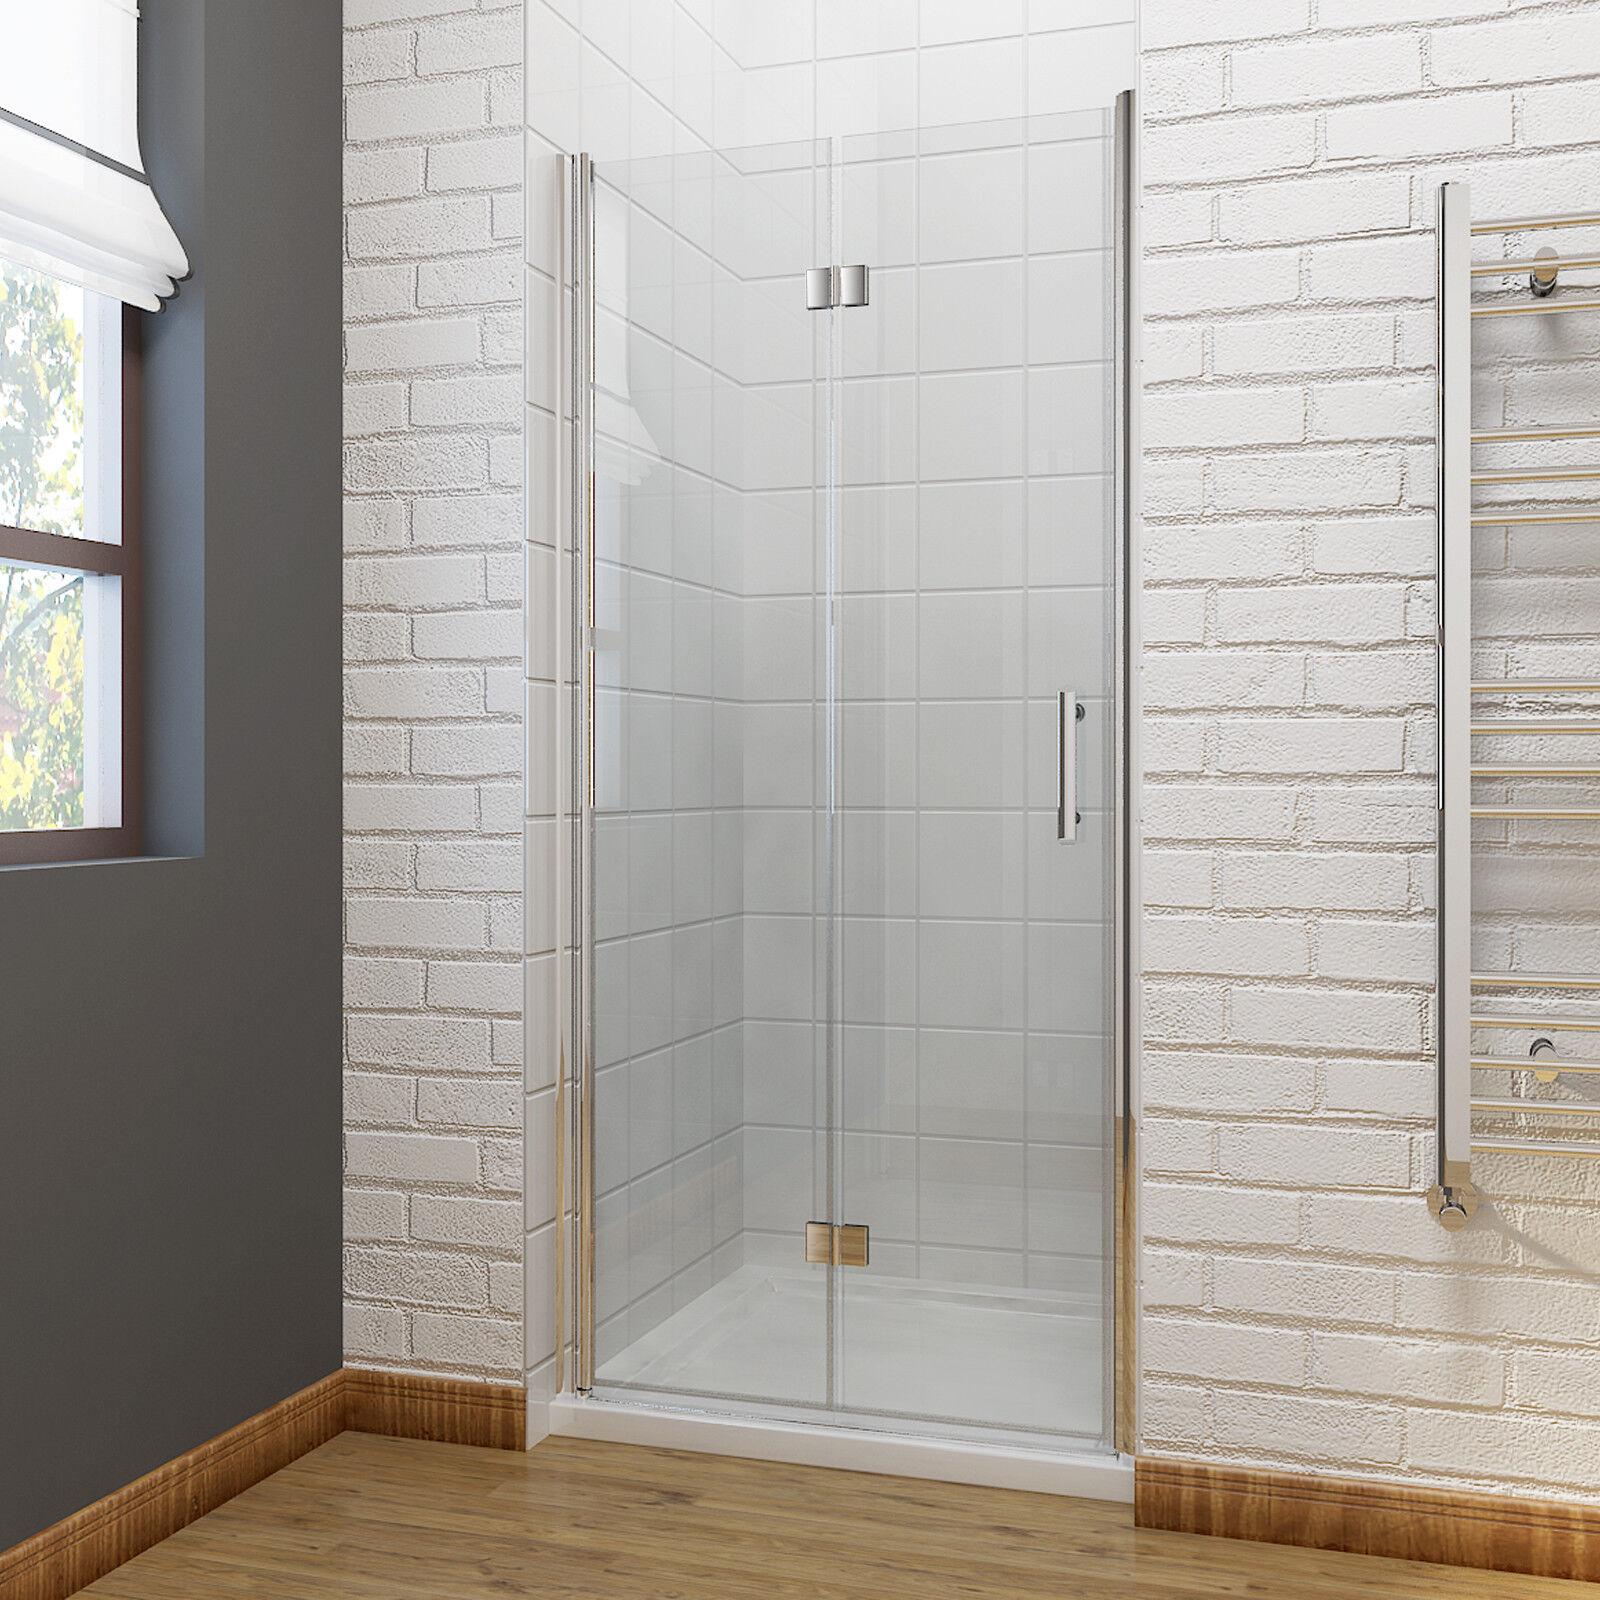 Details About Bi Fold Door Frameless Shower Enclosure Tray Bathroom 6mm Glass Screen Modern